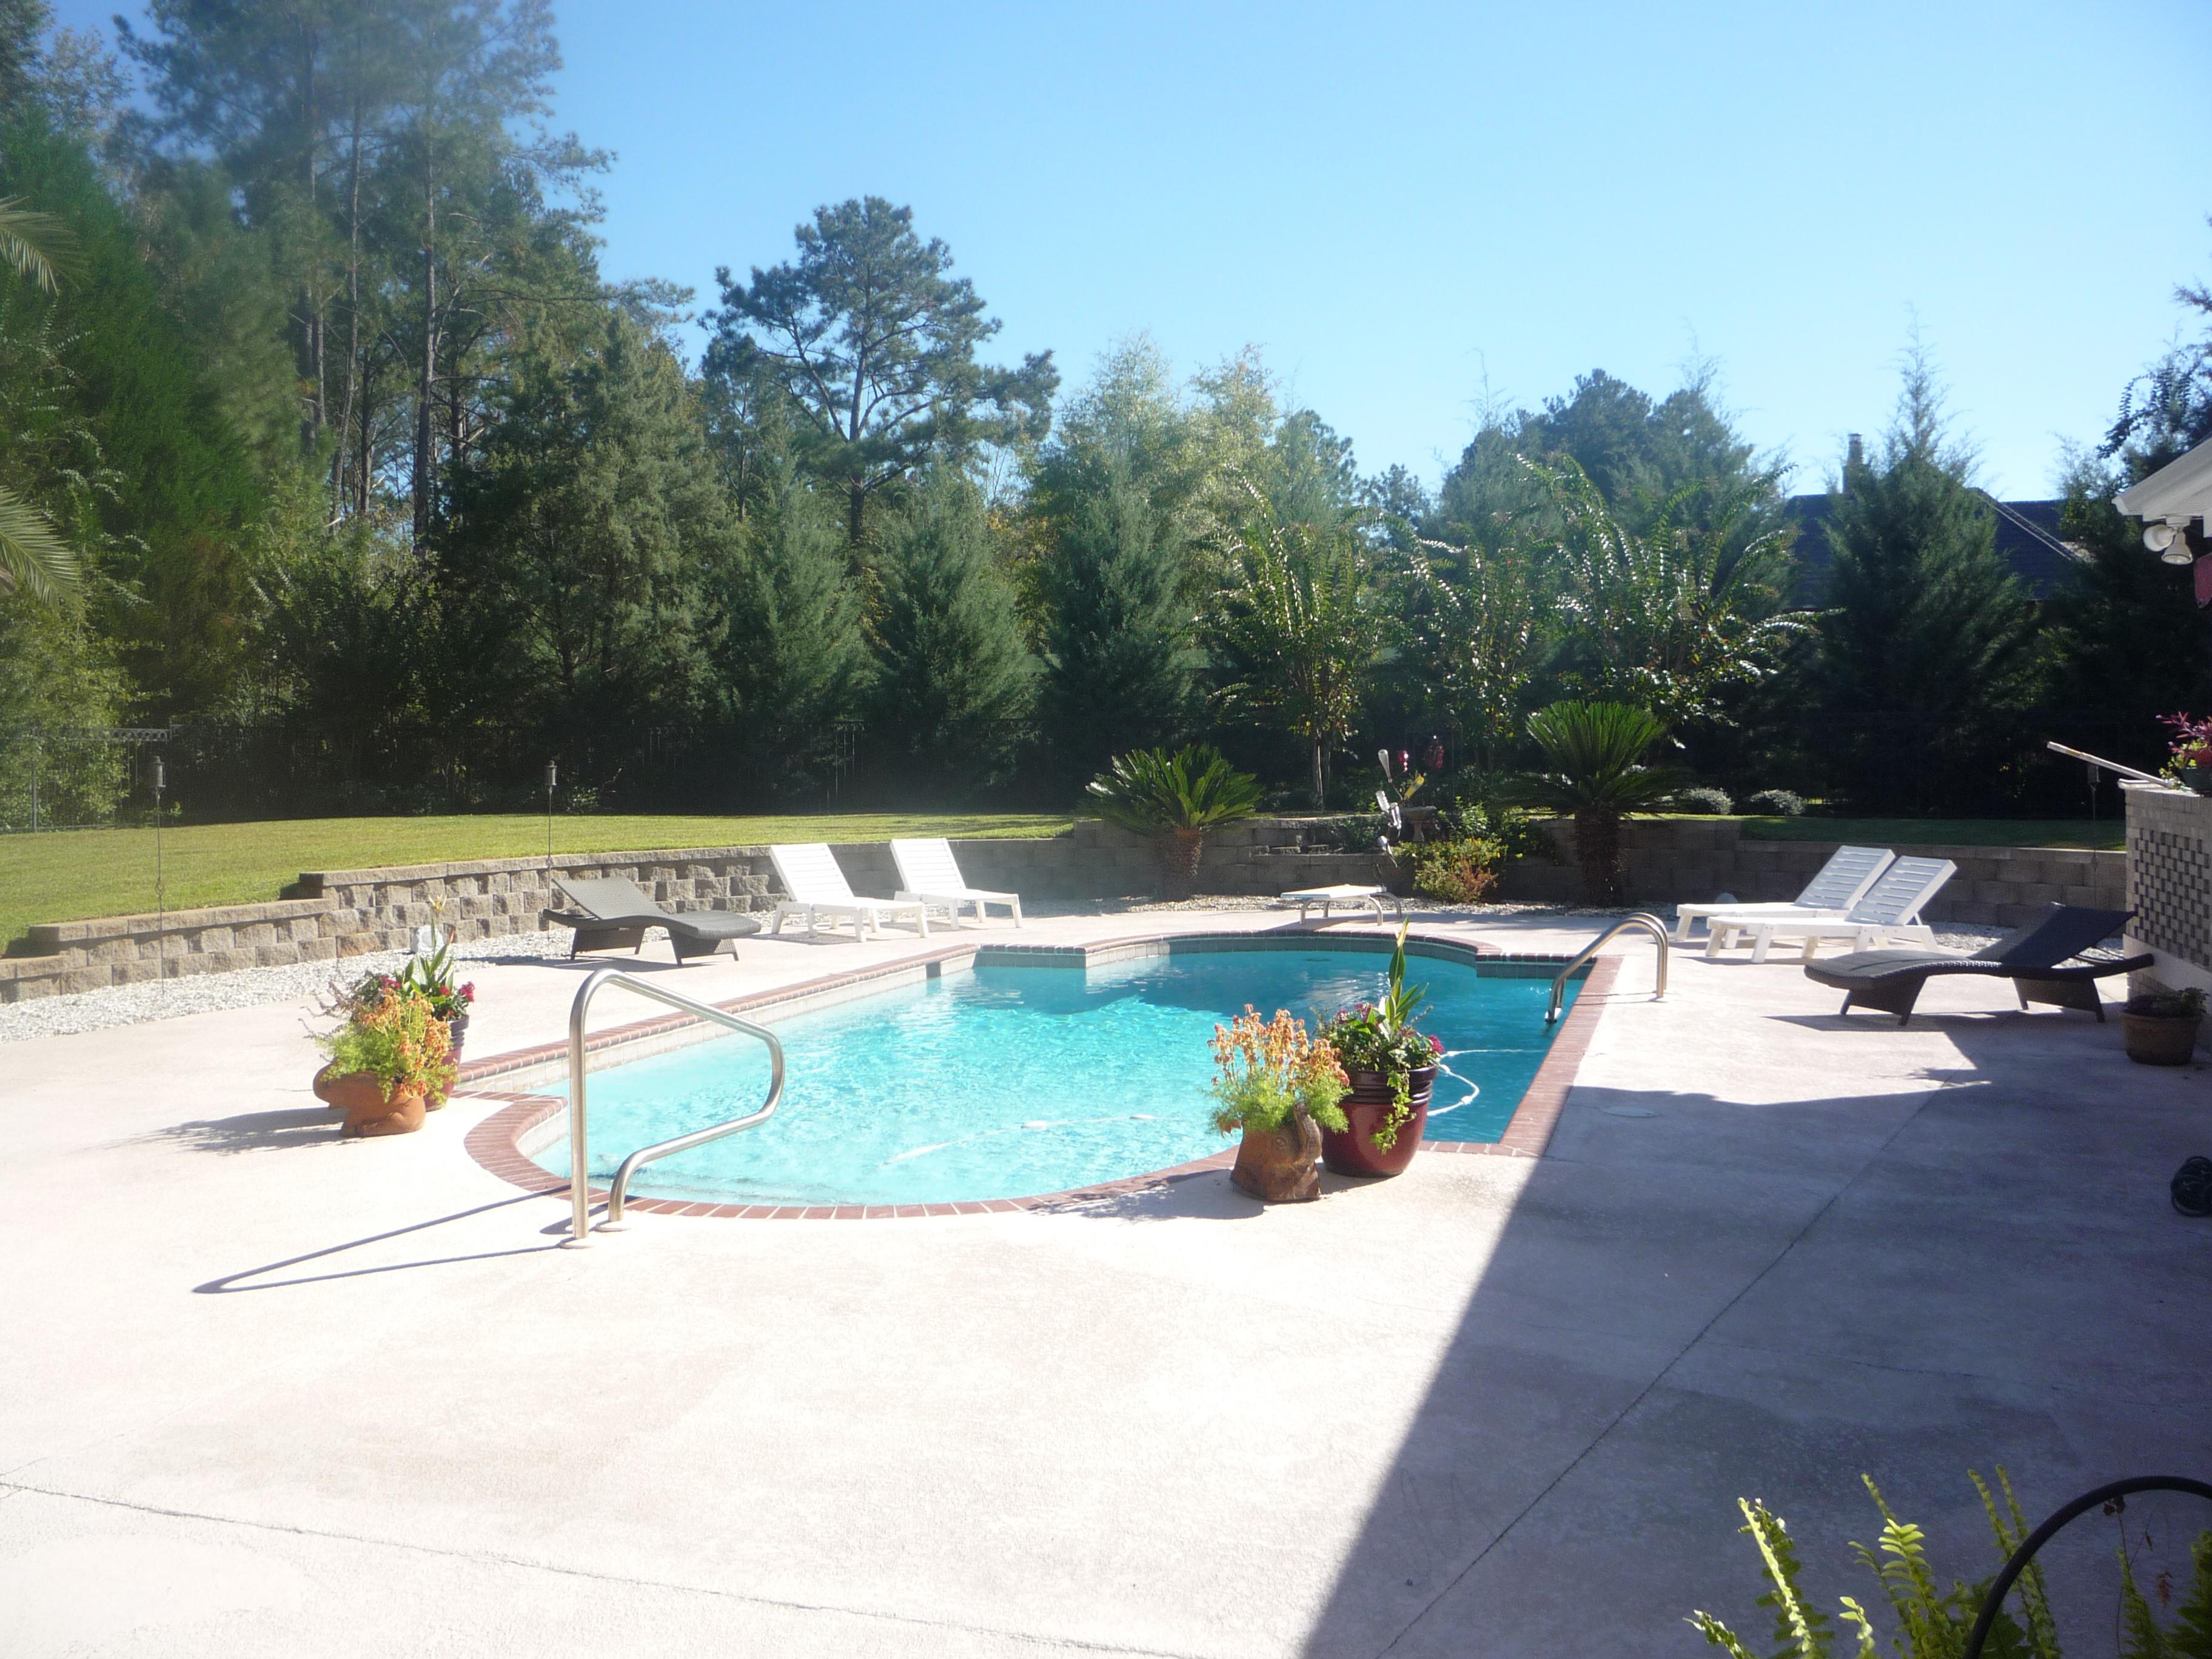 102 Hiddenpine Place, Dothan, Alabama 36305